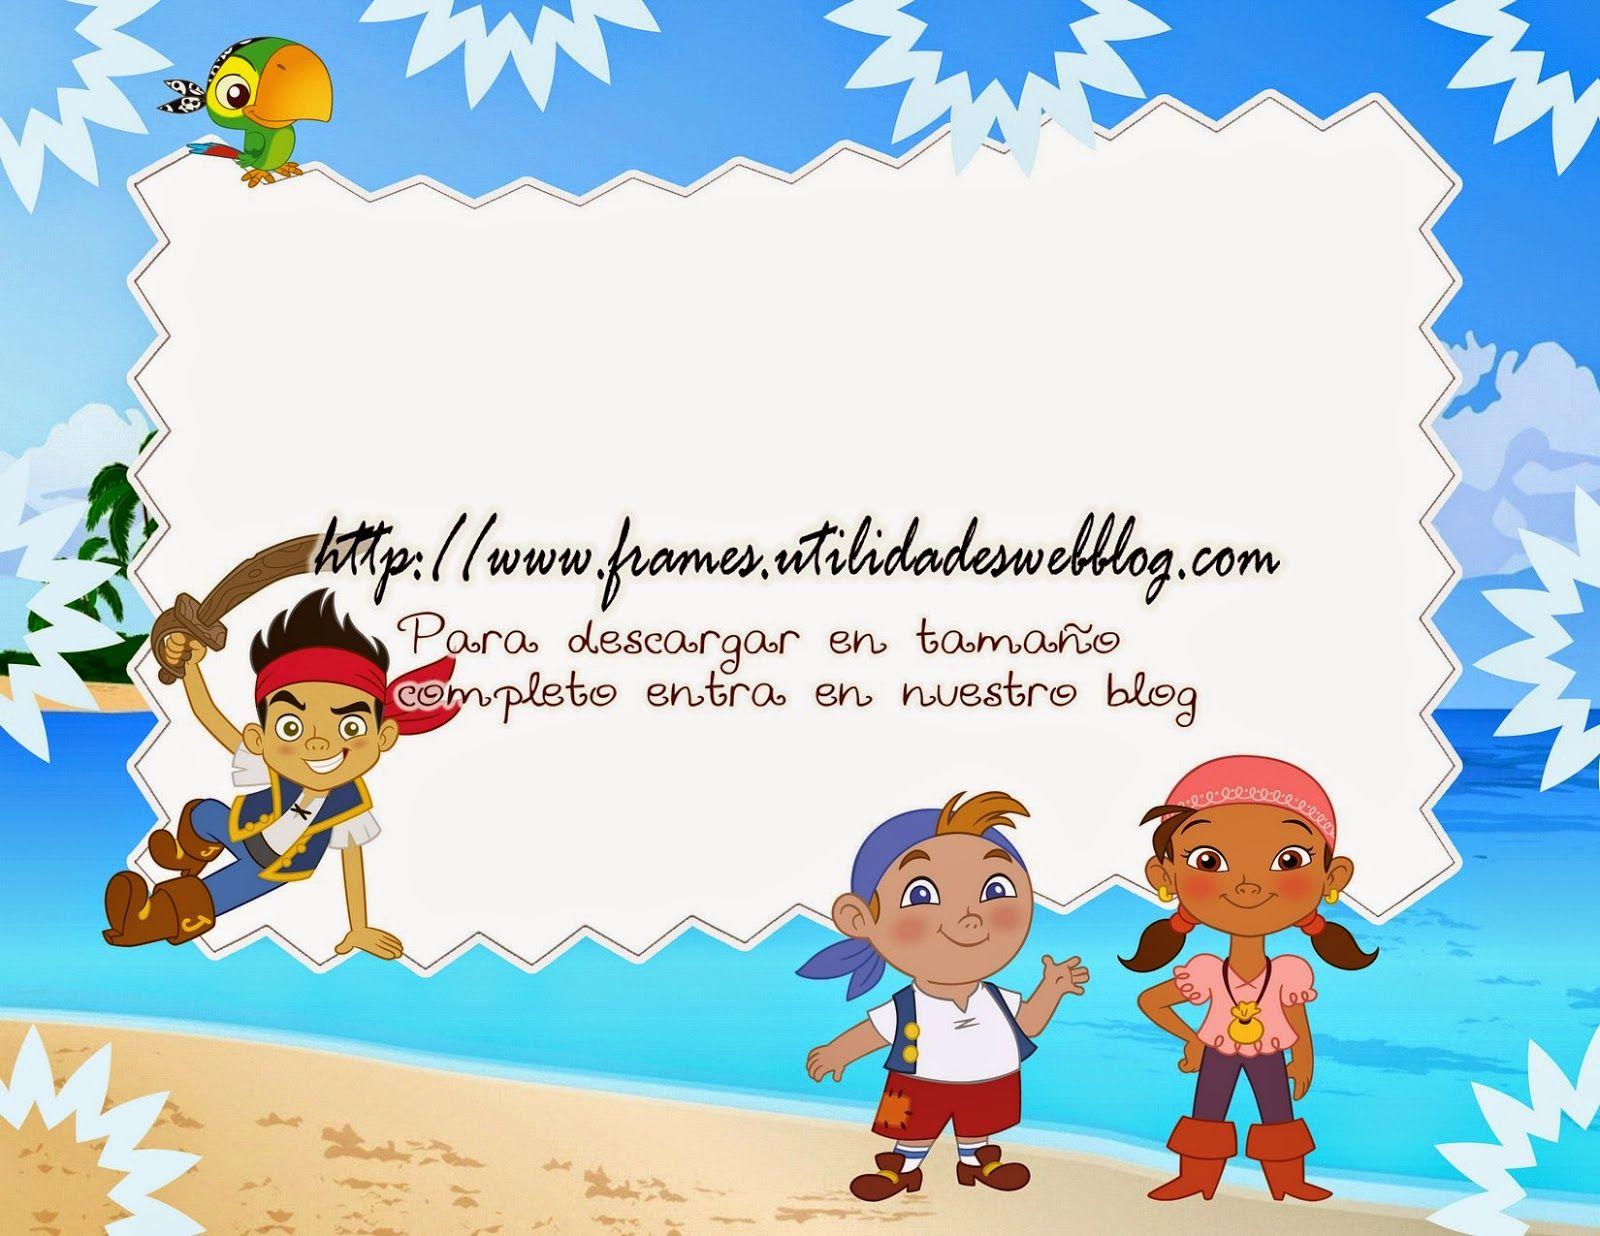 Decoraci n jake y los piratas de nunca jam s pictures to pin on - Marco Para Fotos De Jake Y Los Piratas De Nunca Jamas Photo Frames